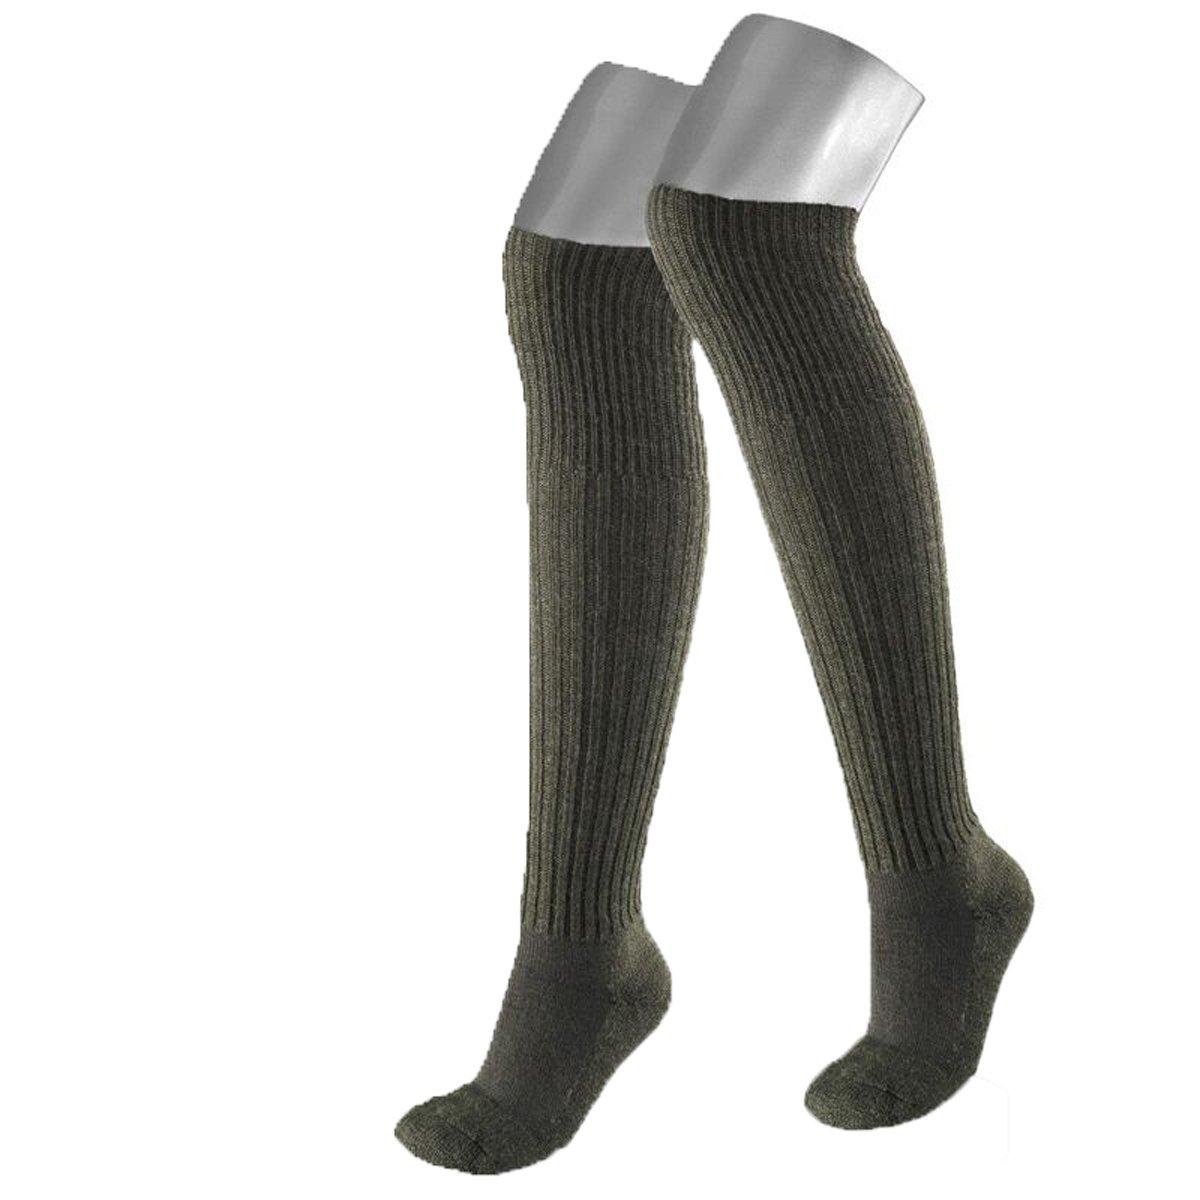 Voqeen Elastische Oberschenkelb/änder Damen Oberschenkelband Socken Schenkel Band Anti-chafing Anti-rutsch Thigh Bands Lace Strumpfband Oberschenkel Bandage mit Cellphone Tasche